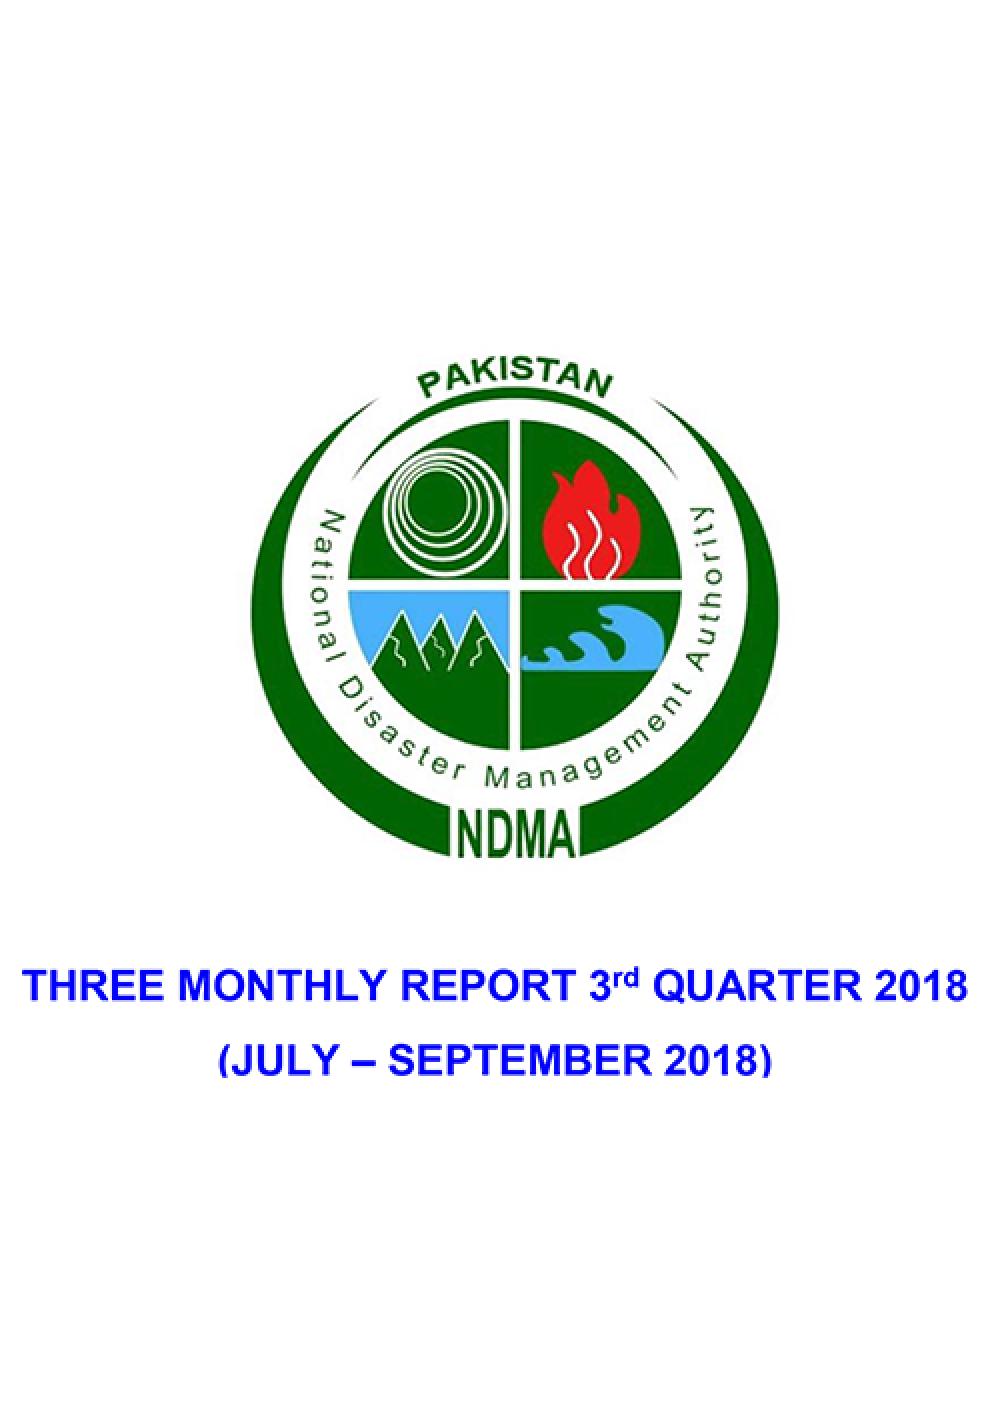 FInal NDMA's 3rd Quarter Report (July - Sept 2018)